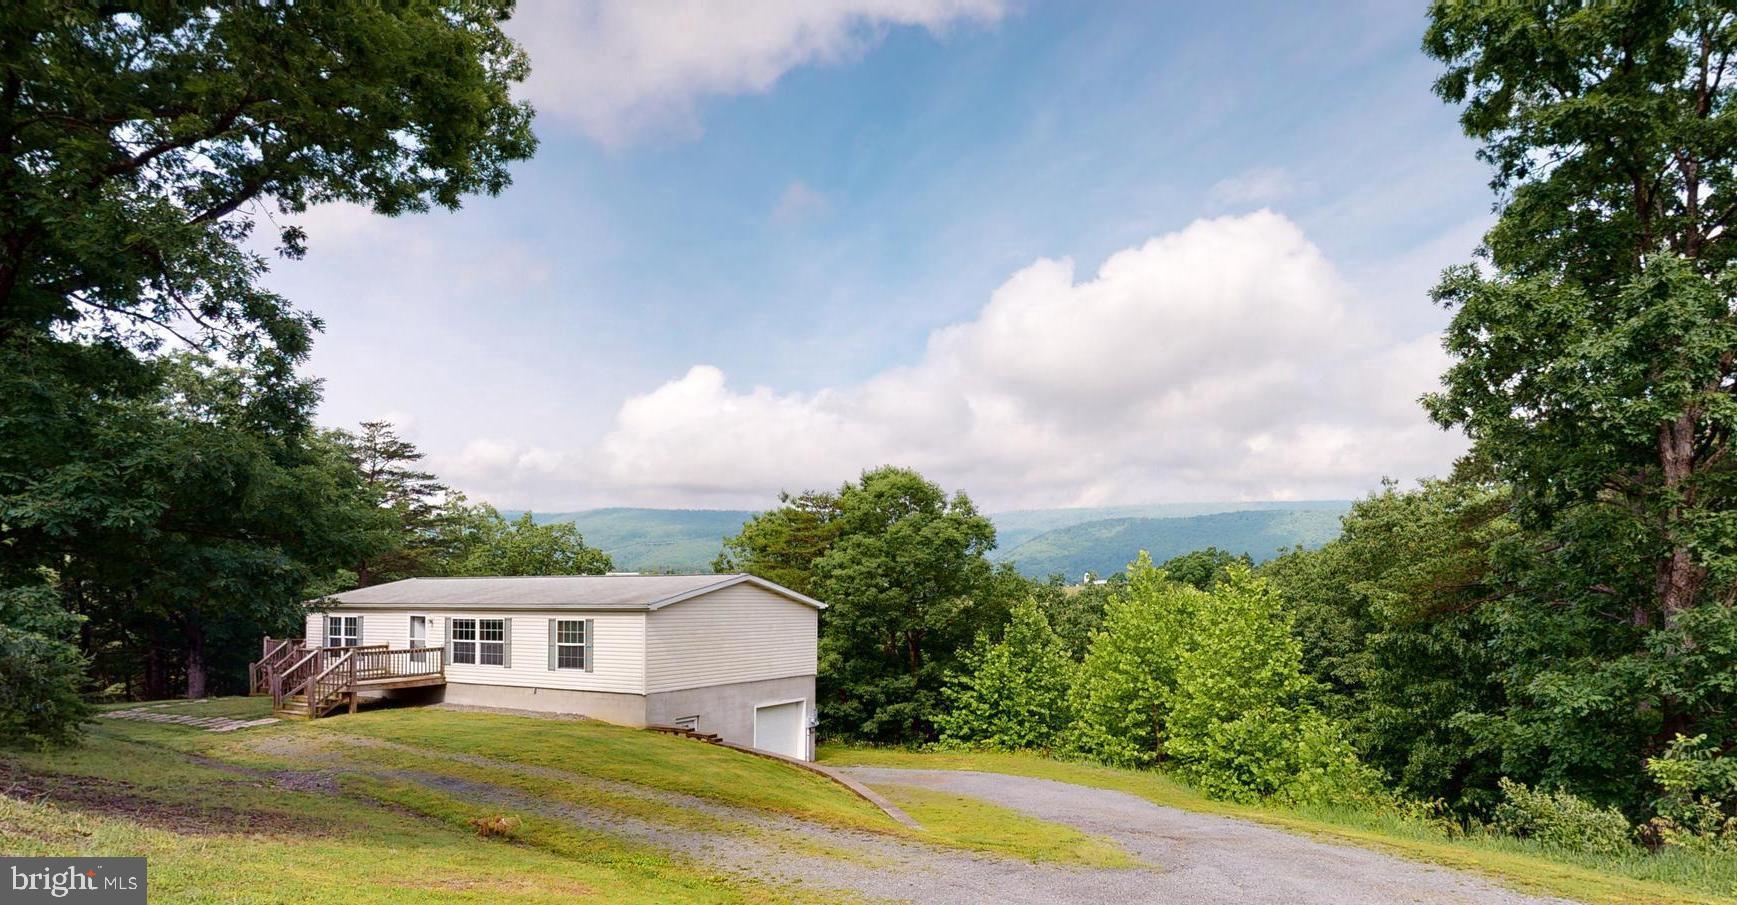 615 High Point, Maysville, WV 26833